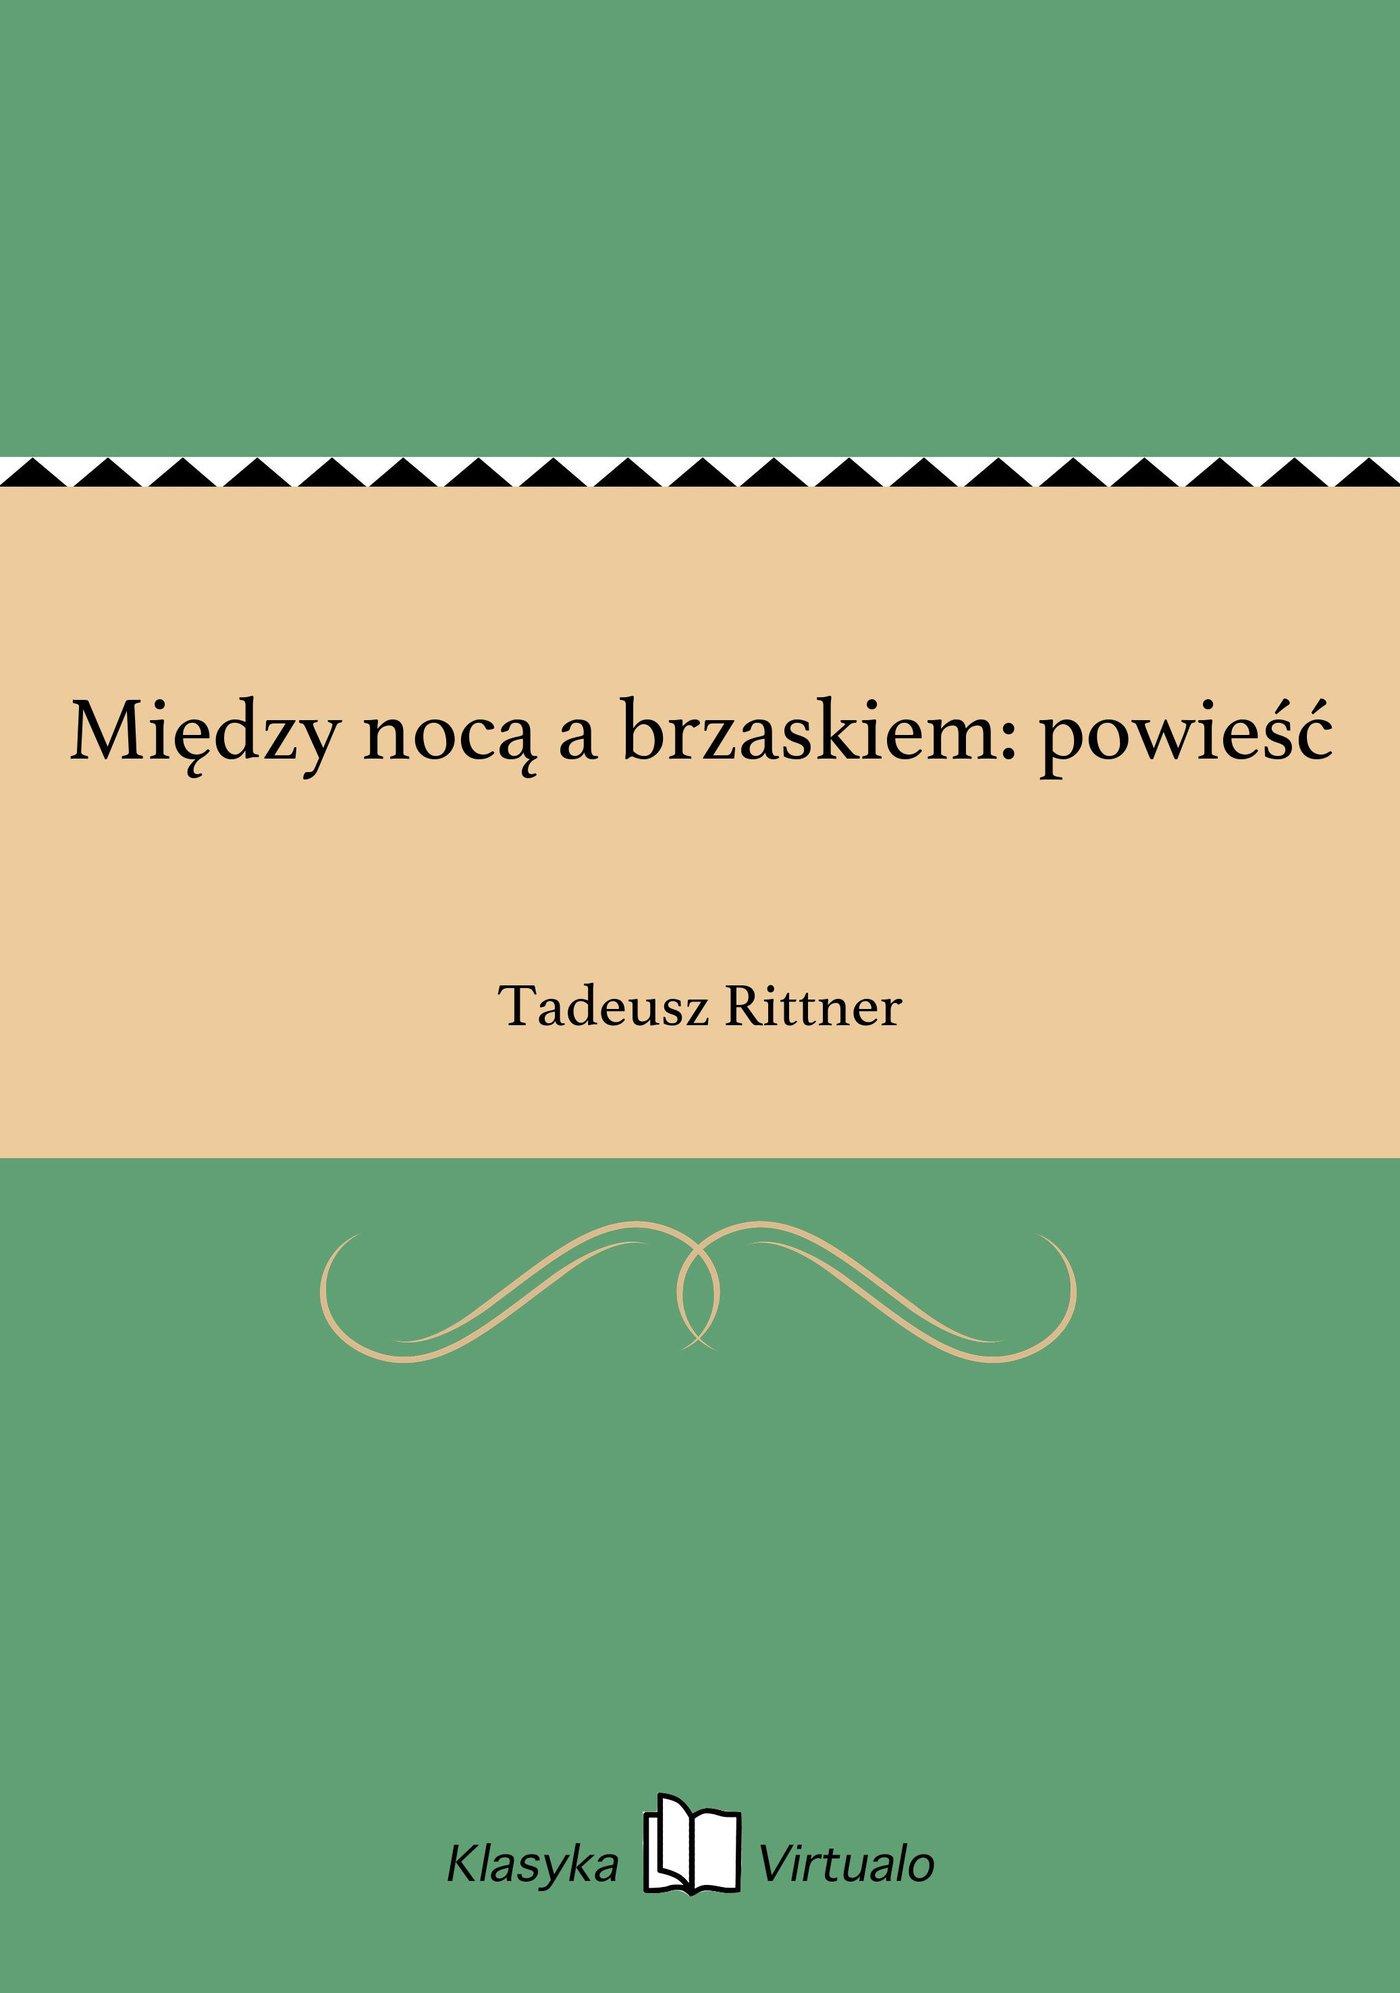 Między nocą a brzaskiem: powieść - Ebook (Książka na Kindle) do pobrania w formacie MOBI